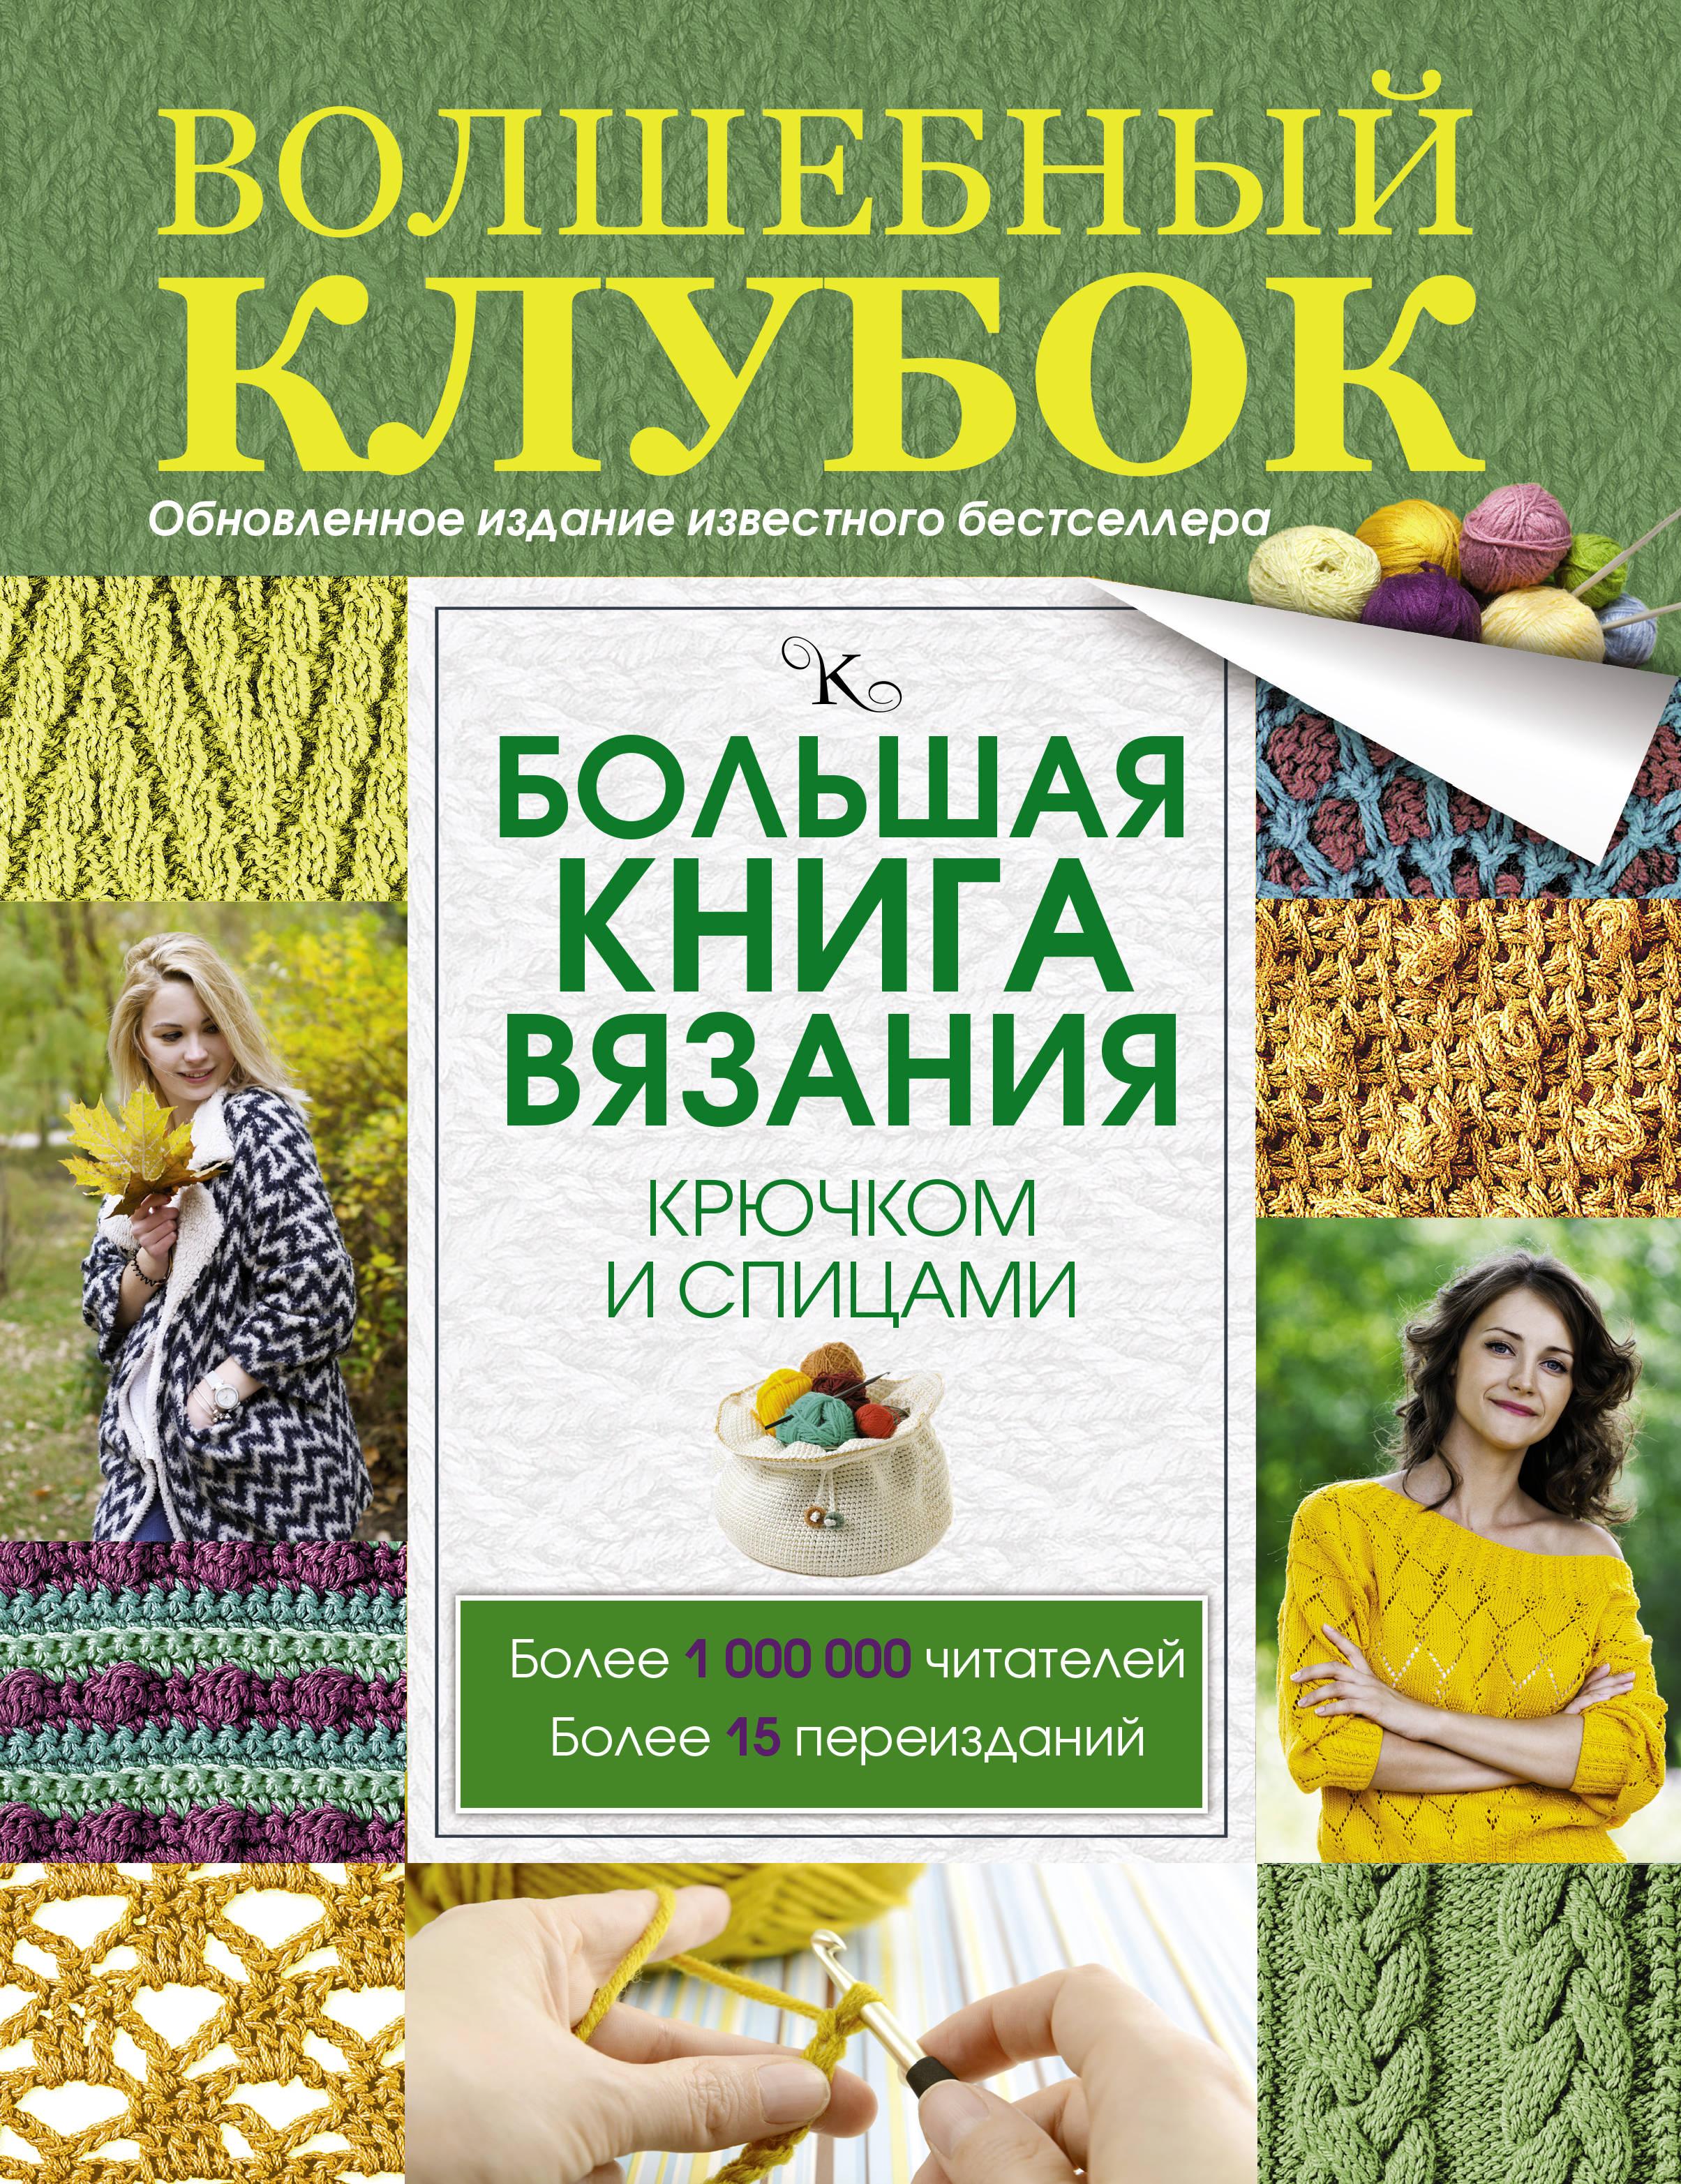 Михайлова Т.В. Большая книга вязания крючком и спицами библия вязания крючком и спицами